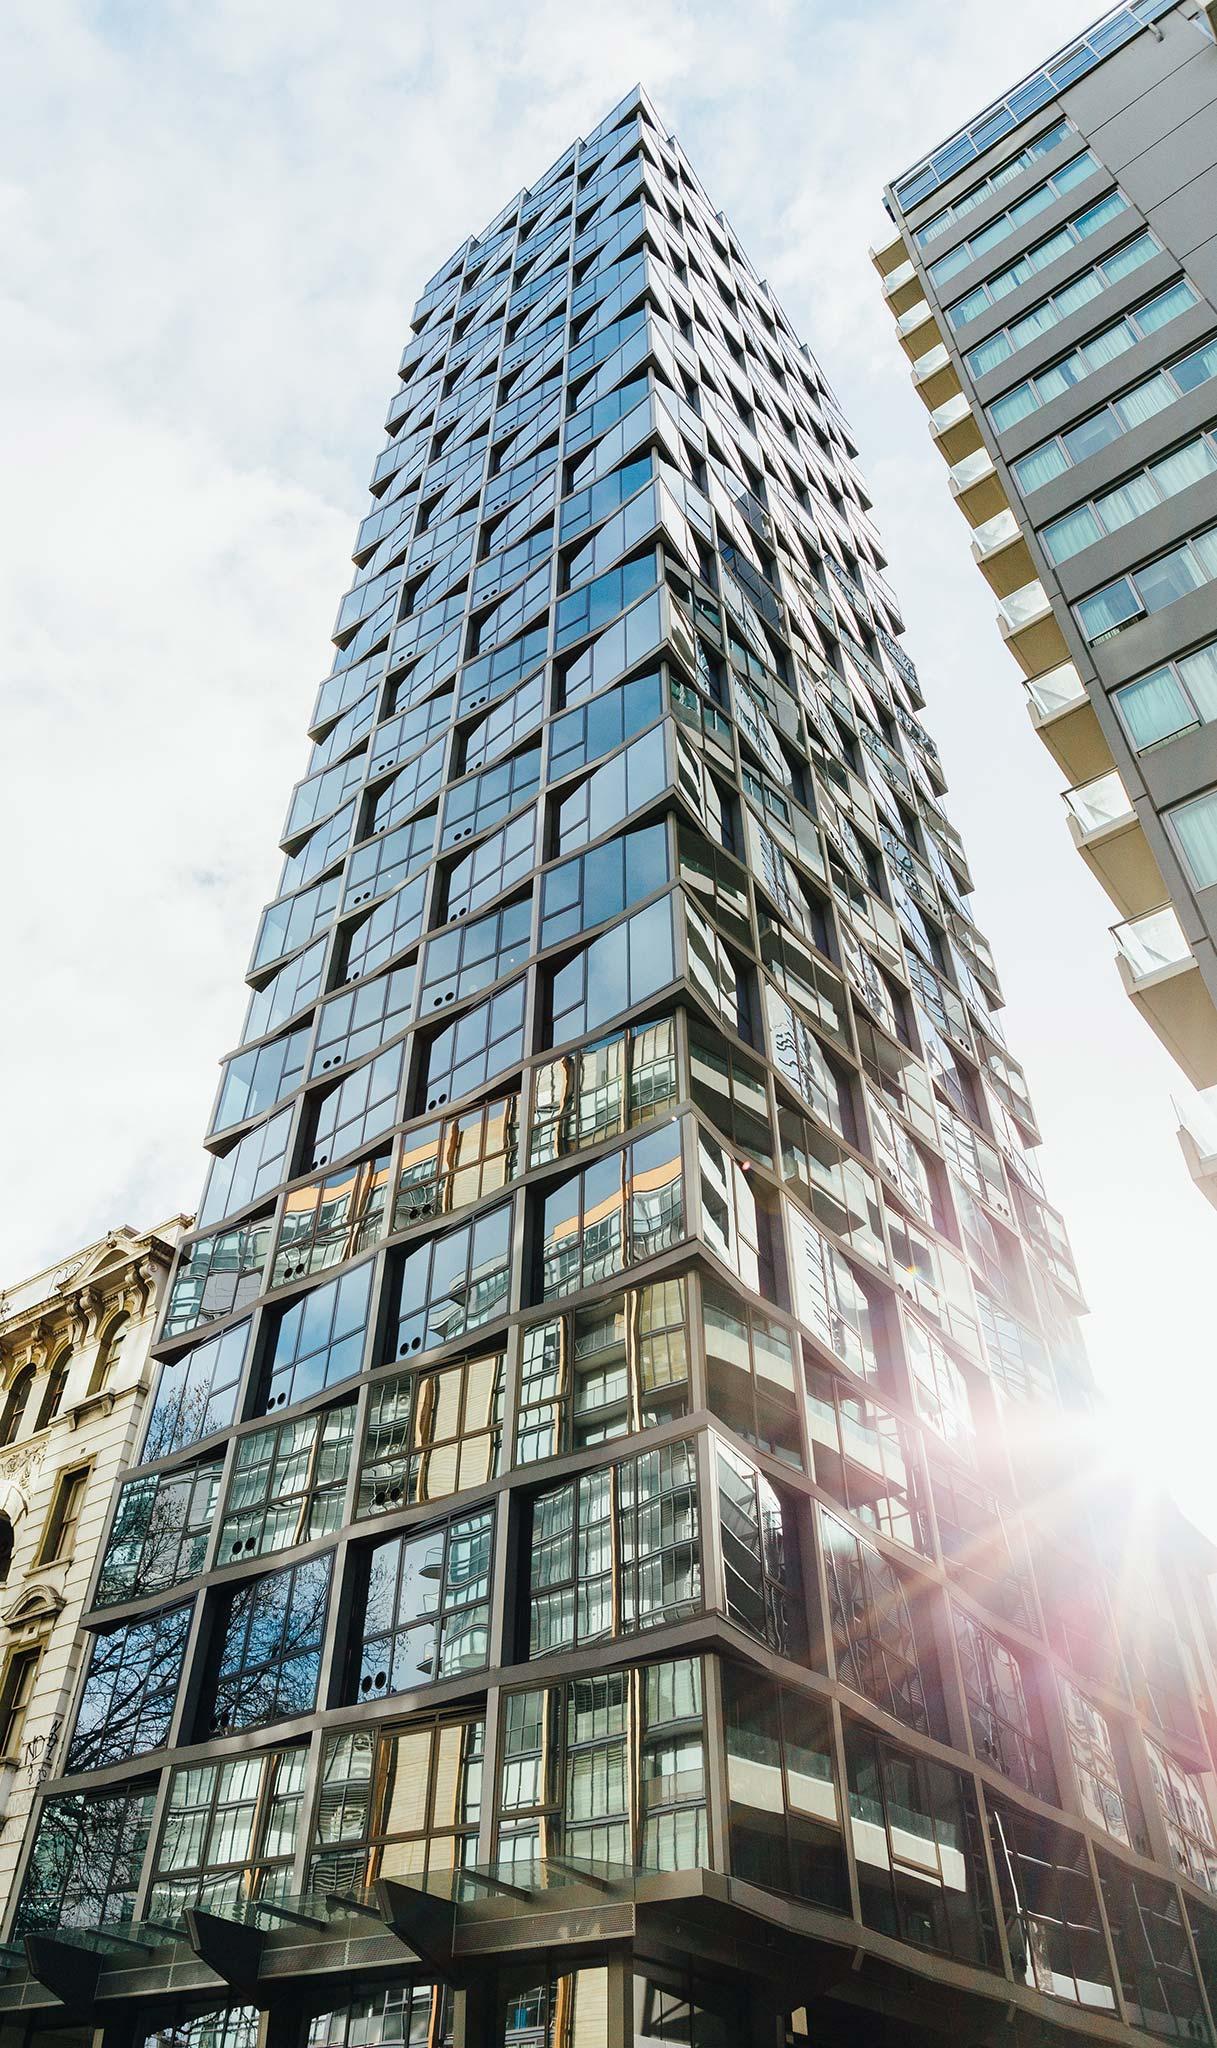 architecture-melbourne-potographer-560-flinders-elenberg-fraser-side-view